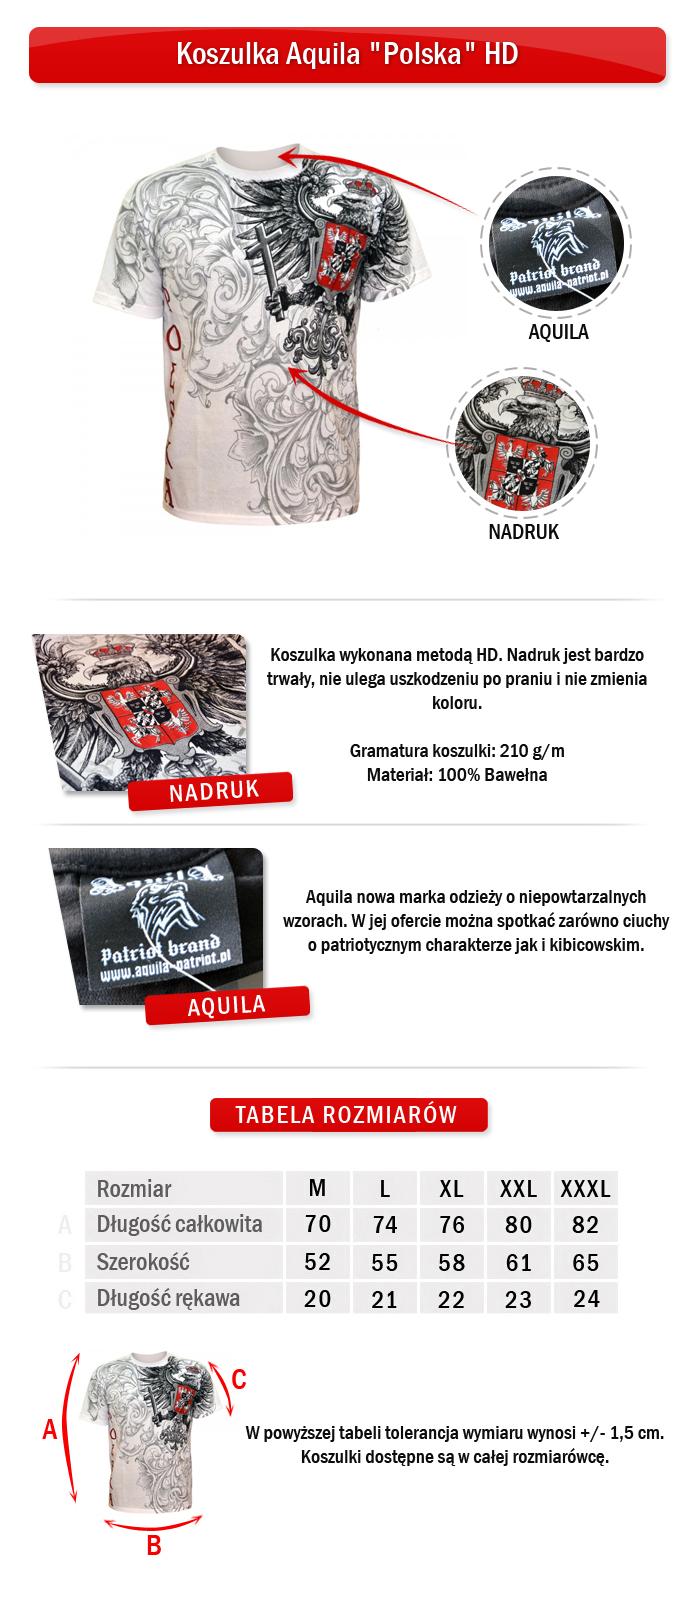 koszulka-aquila-polska-hd-7